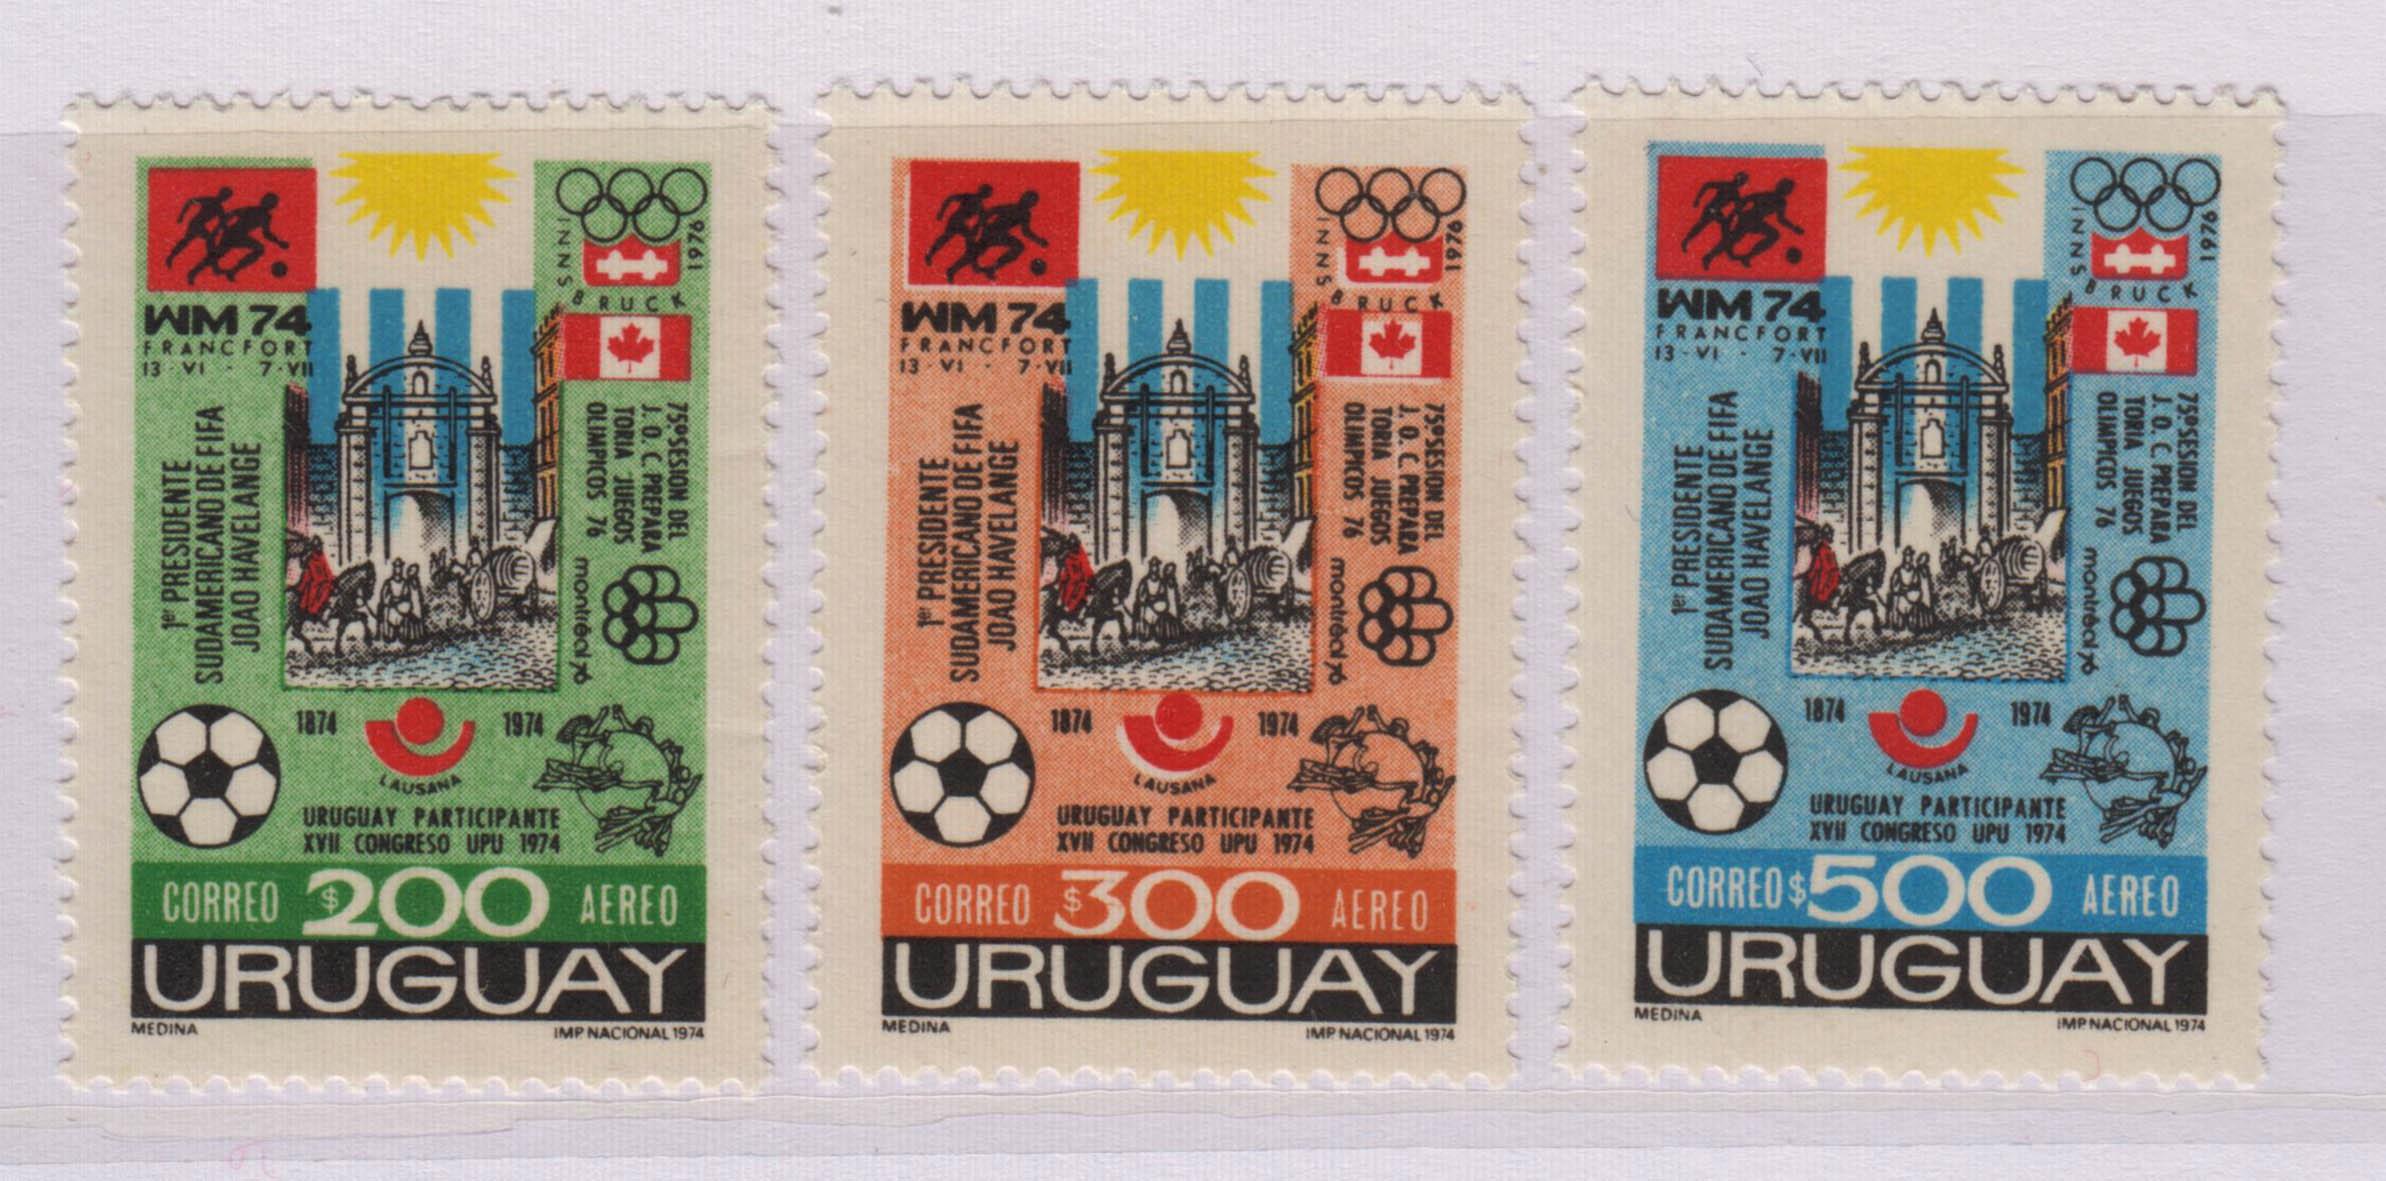 乌拉圭 1974年 世界杯足球赛 3全,MNH,Uru10